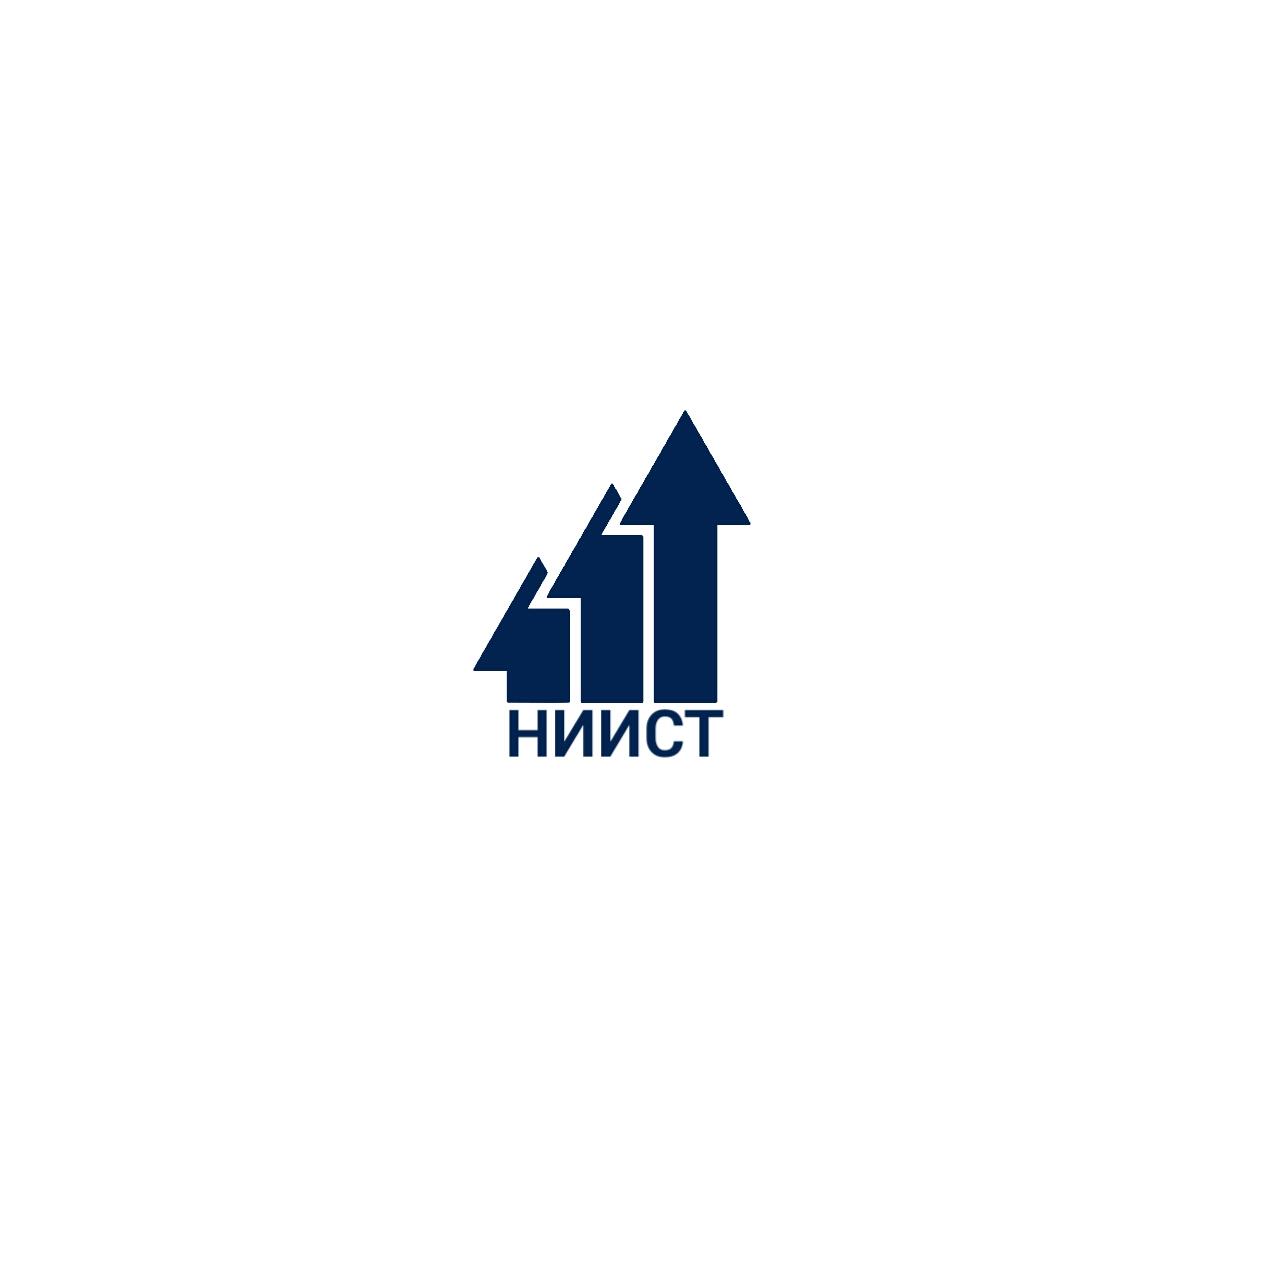 Разработка логотипа фото f_7575b9cde33c8af8.jpg